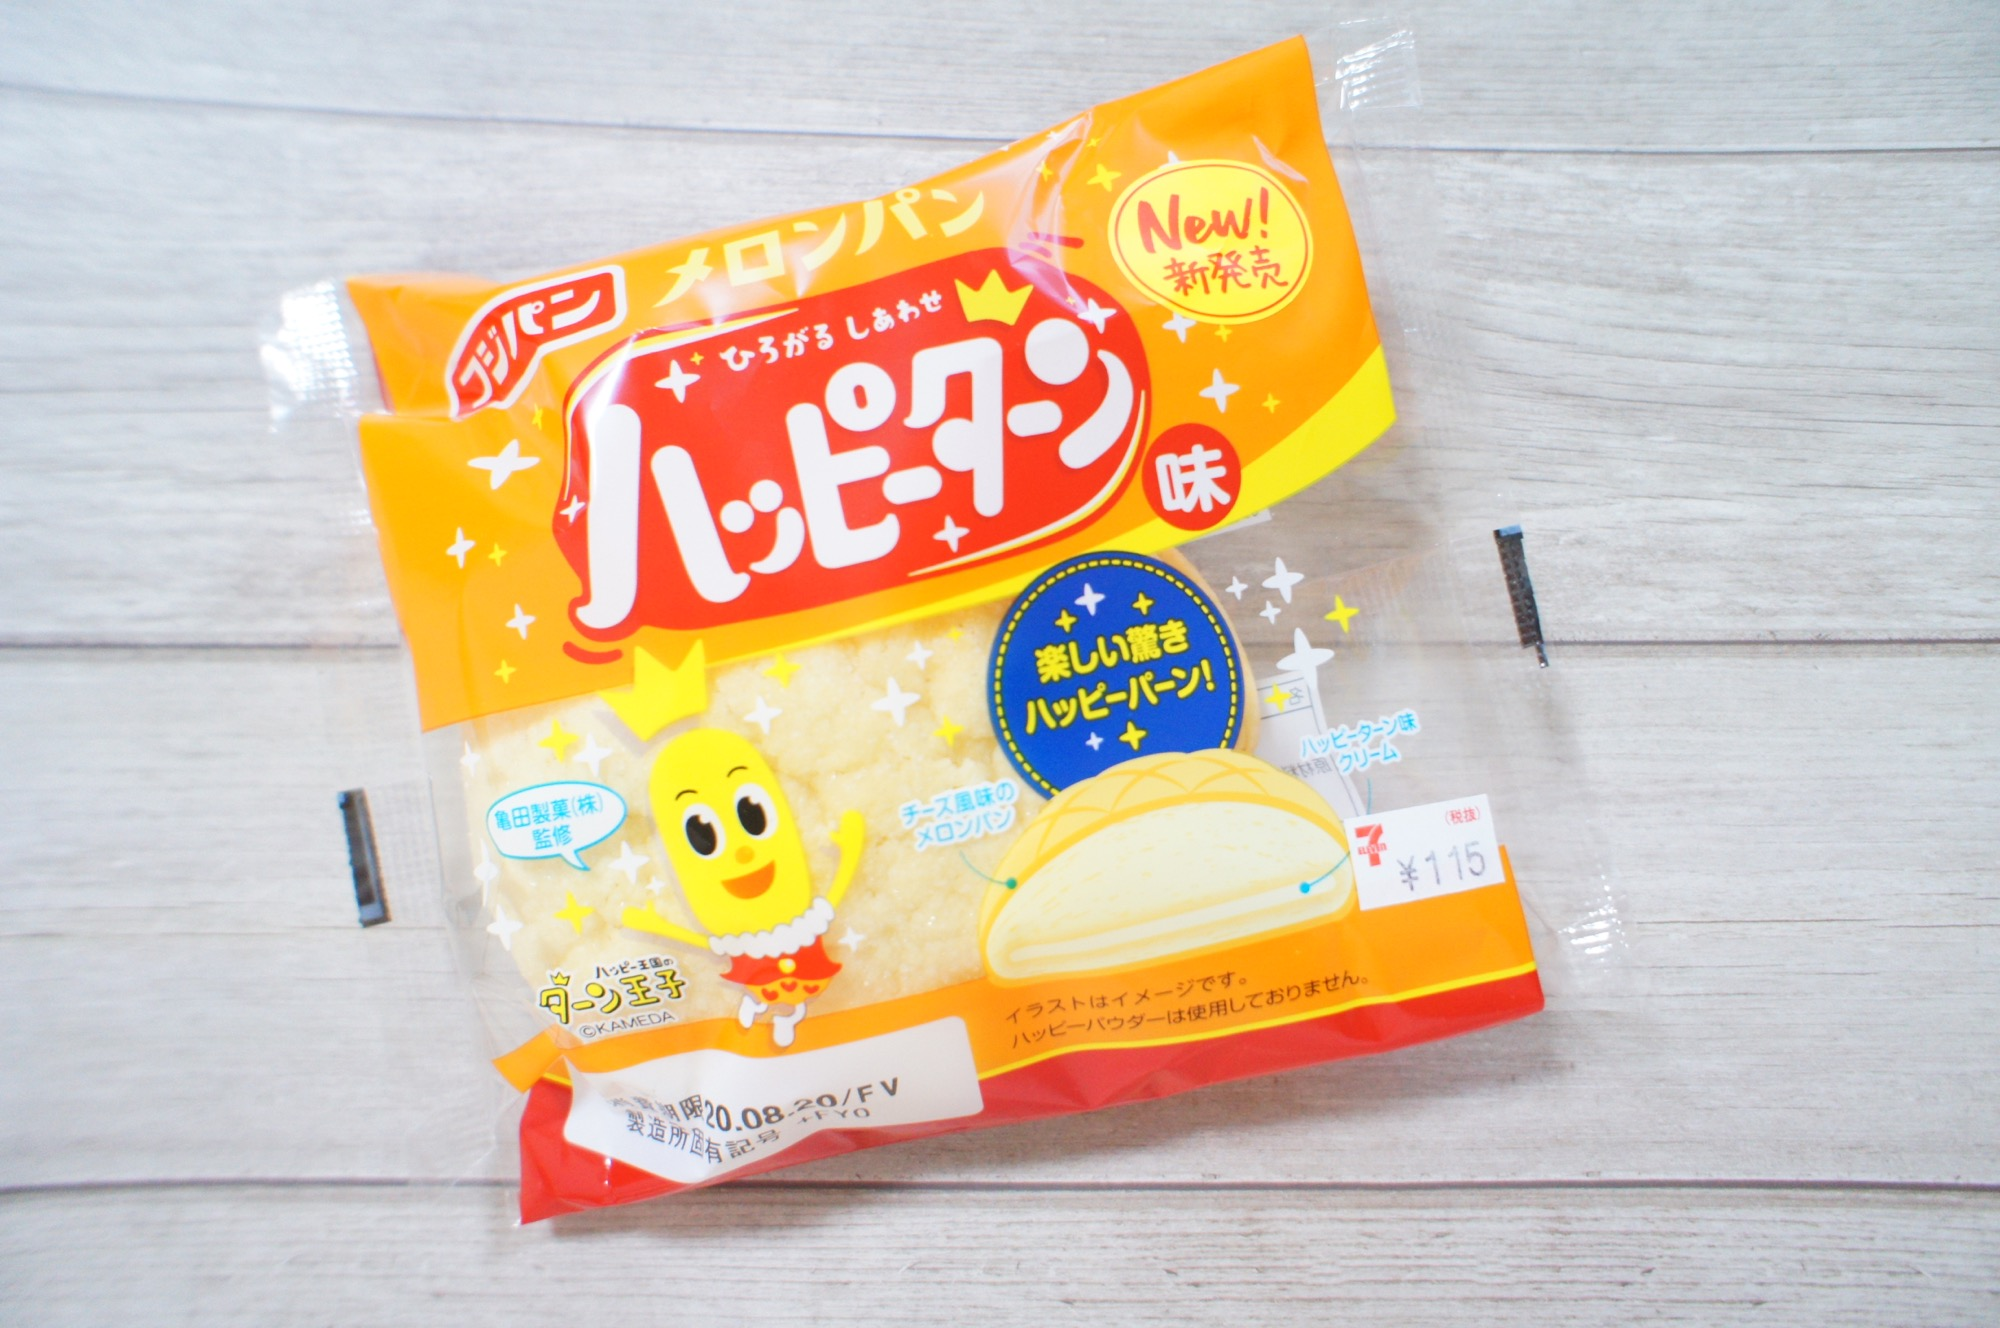 《どんな味?!》セブン-イレブン限定❤️【ハッピーターンメロンパン】を食べてみました☻_1